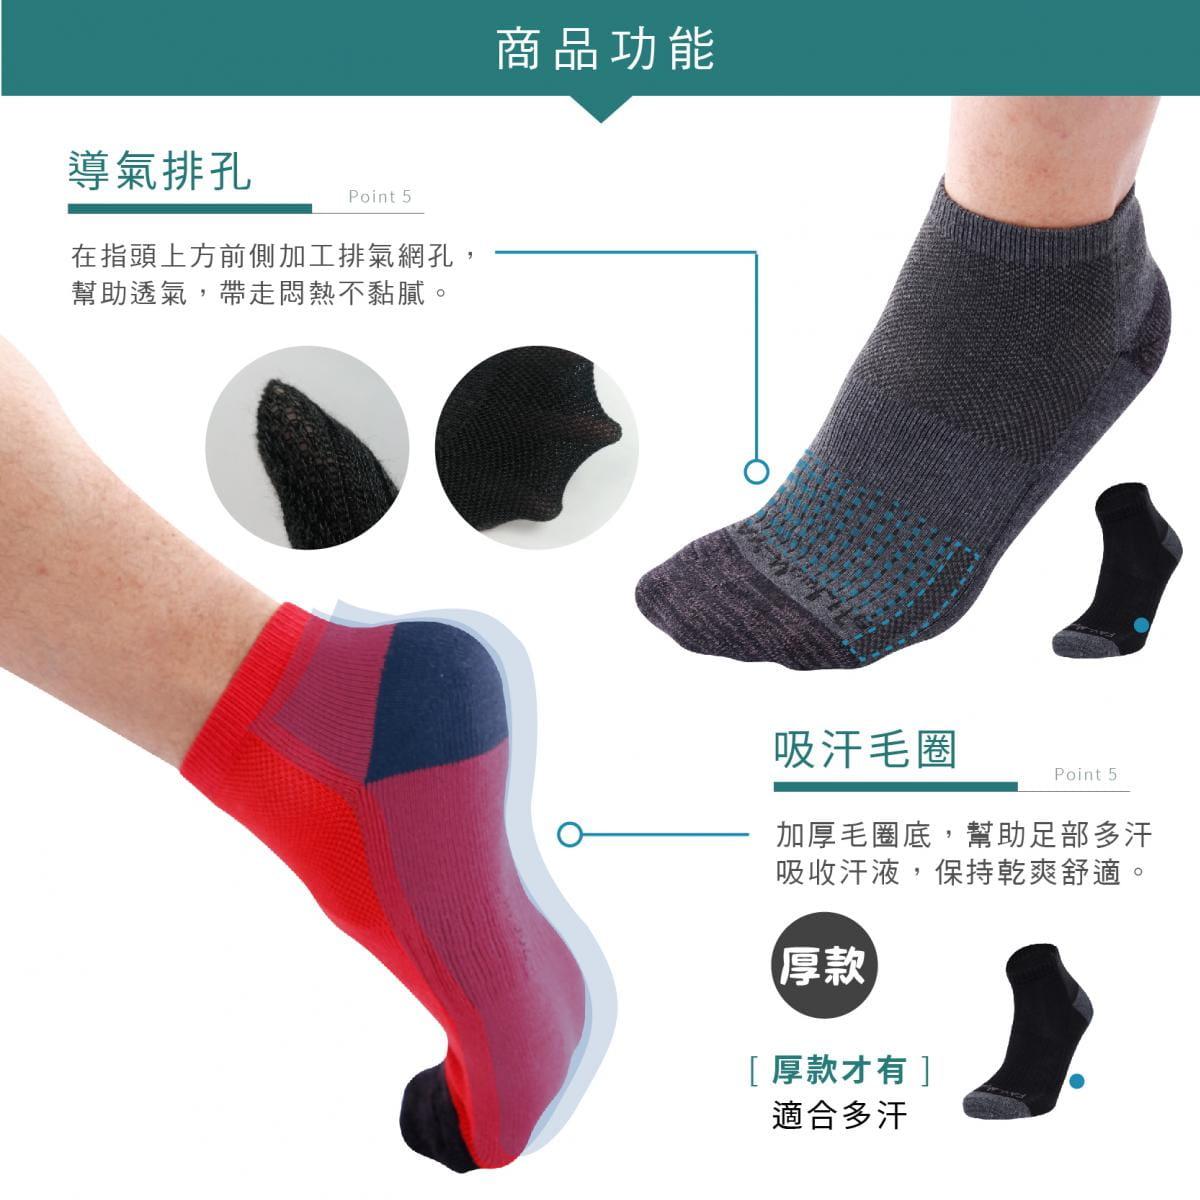 【FAV】除臭運動襪 (一般底、毛巾底) 4